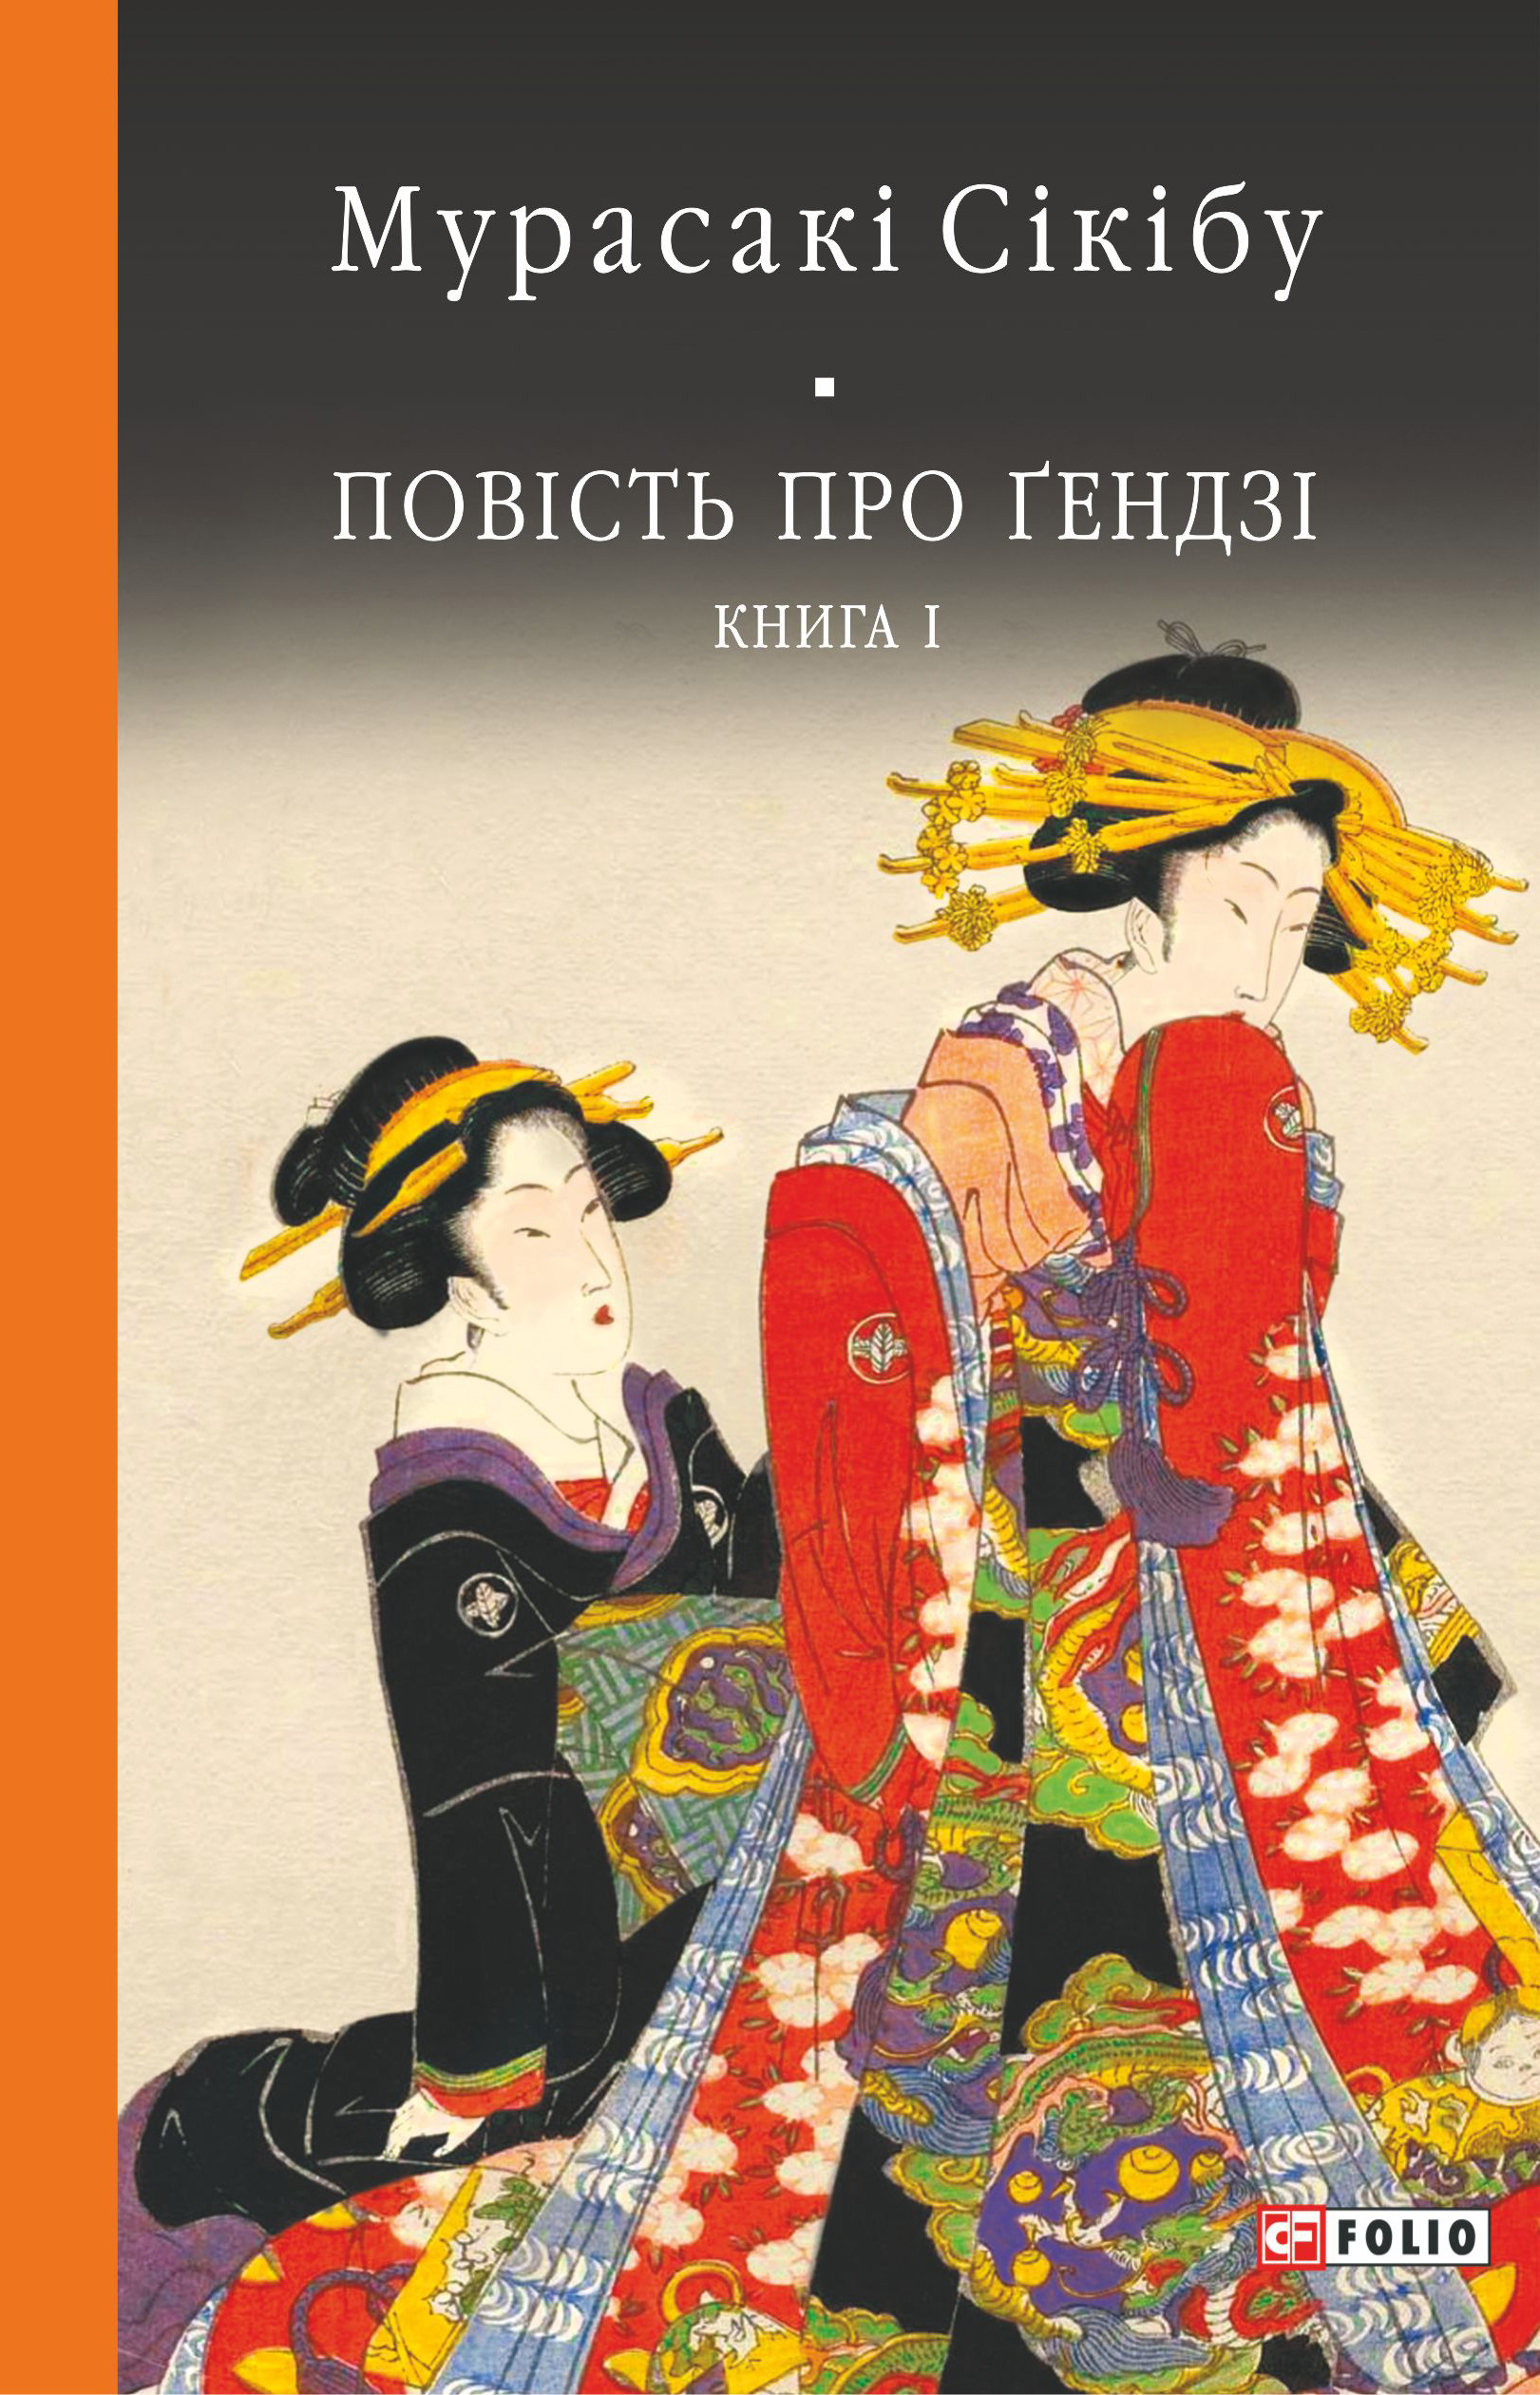 Повість про Ґендзі. Книга 1 ( Мурасакі Сікібу  )